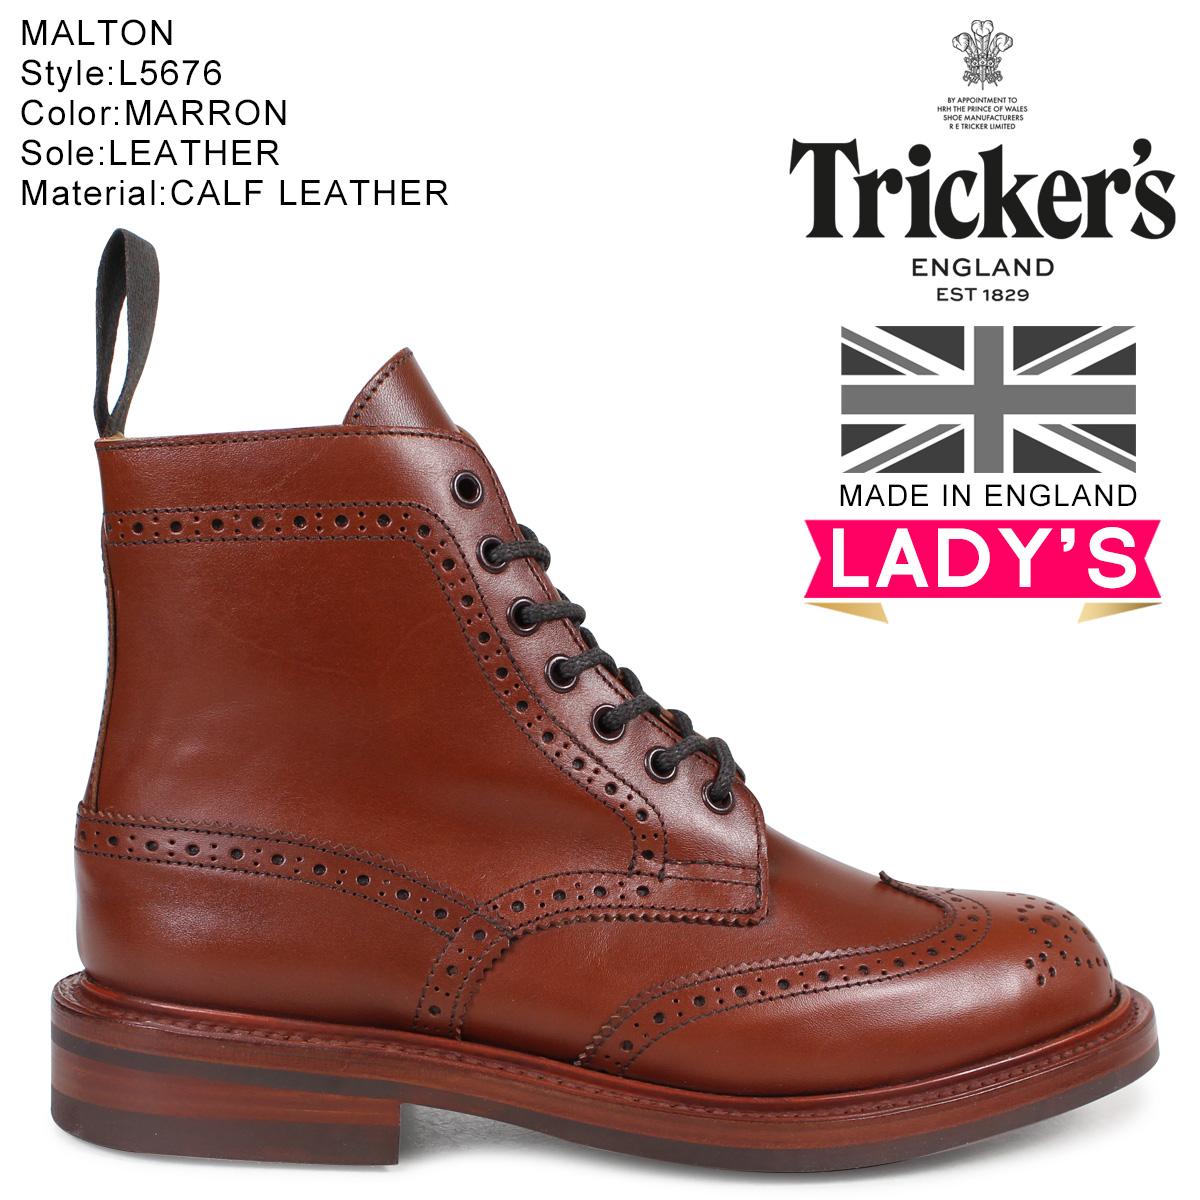 Trickers トリッカーズ レディース カントリーブーツ STEPHY L5676 4ワイズ ダークブラウン